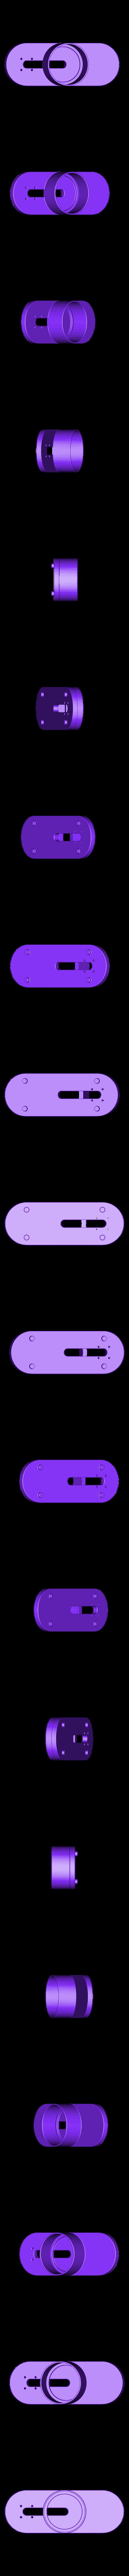 8effb72c a007 4cf9 8b66 231b925e8f93